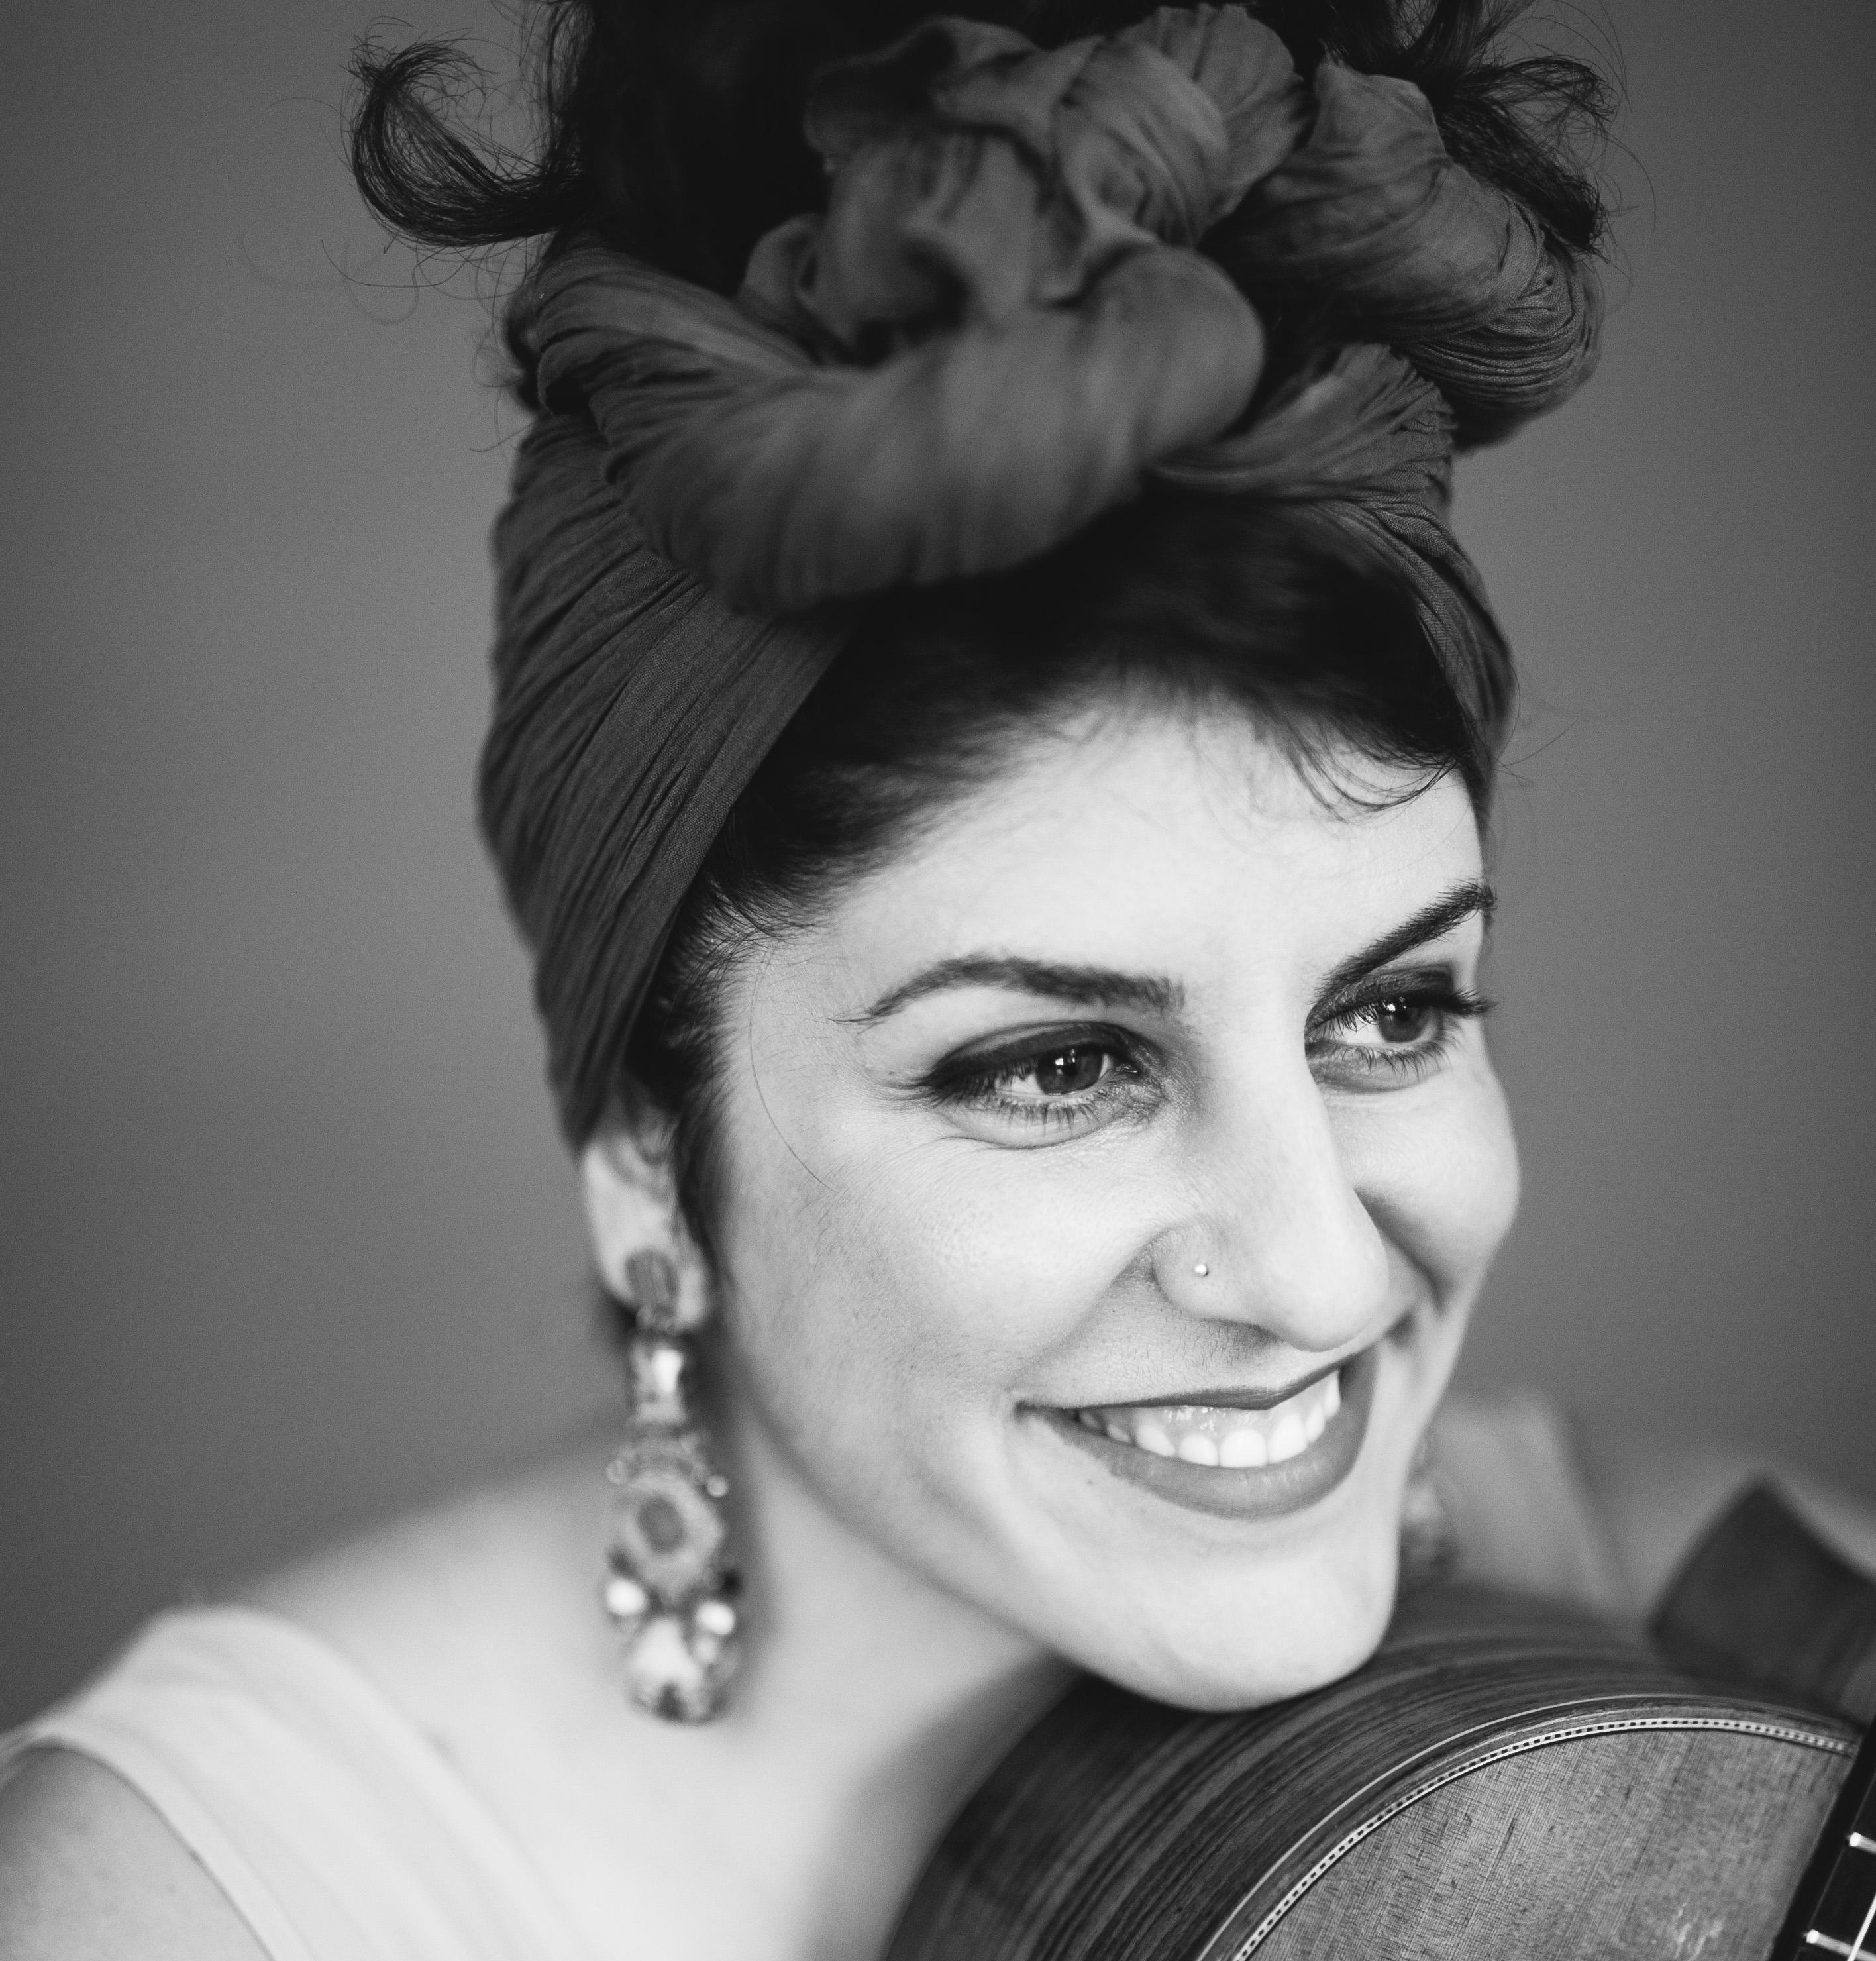 Golnar Shahyar (c) Ina Aydogan